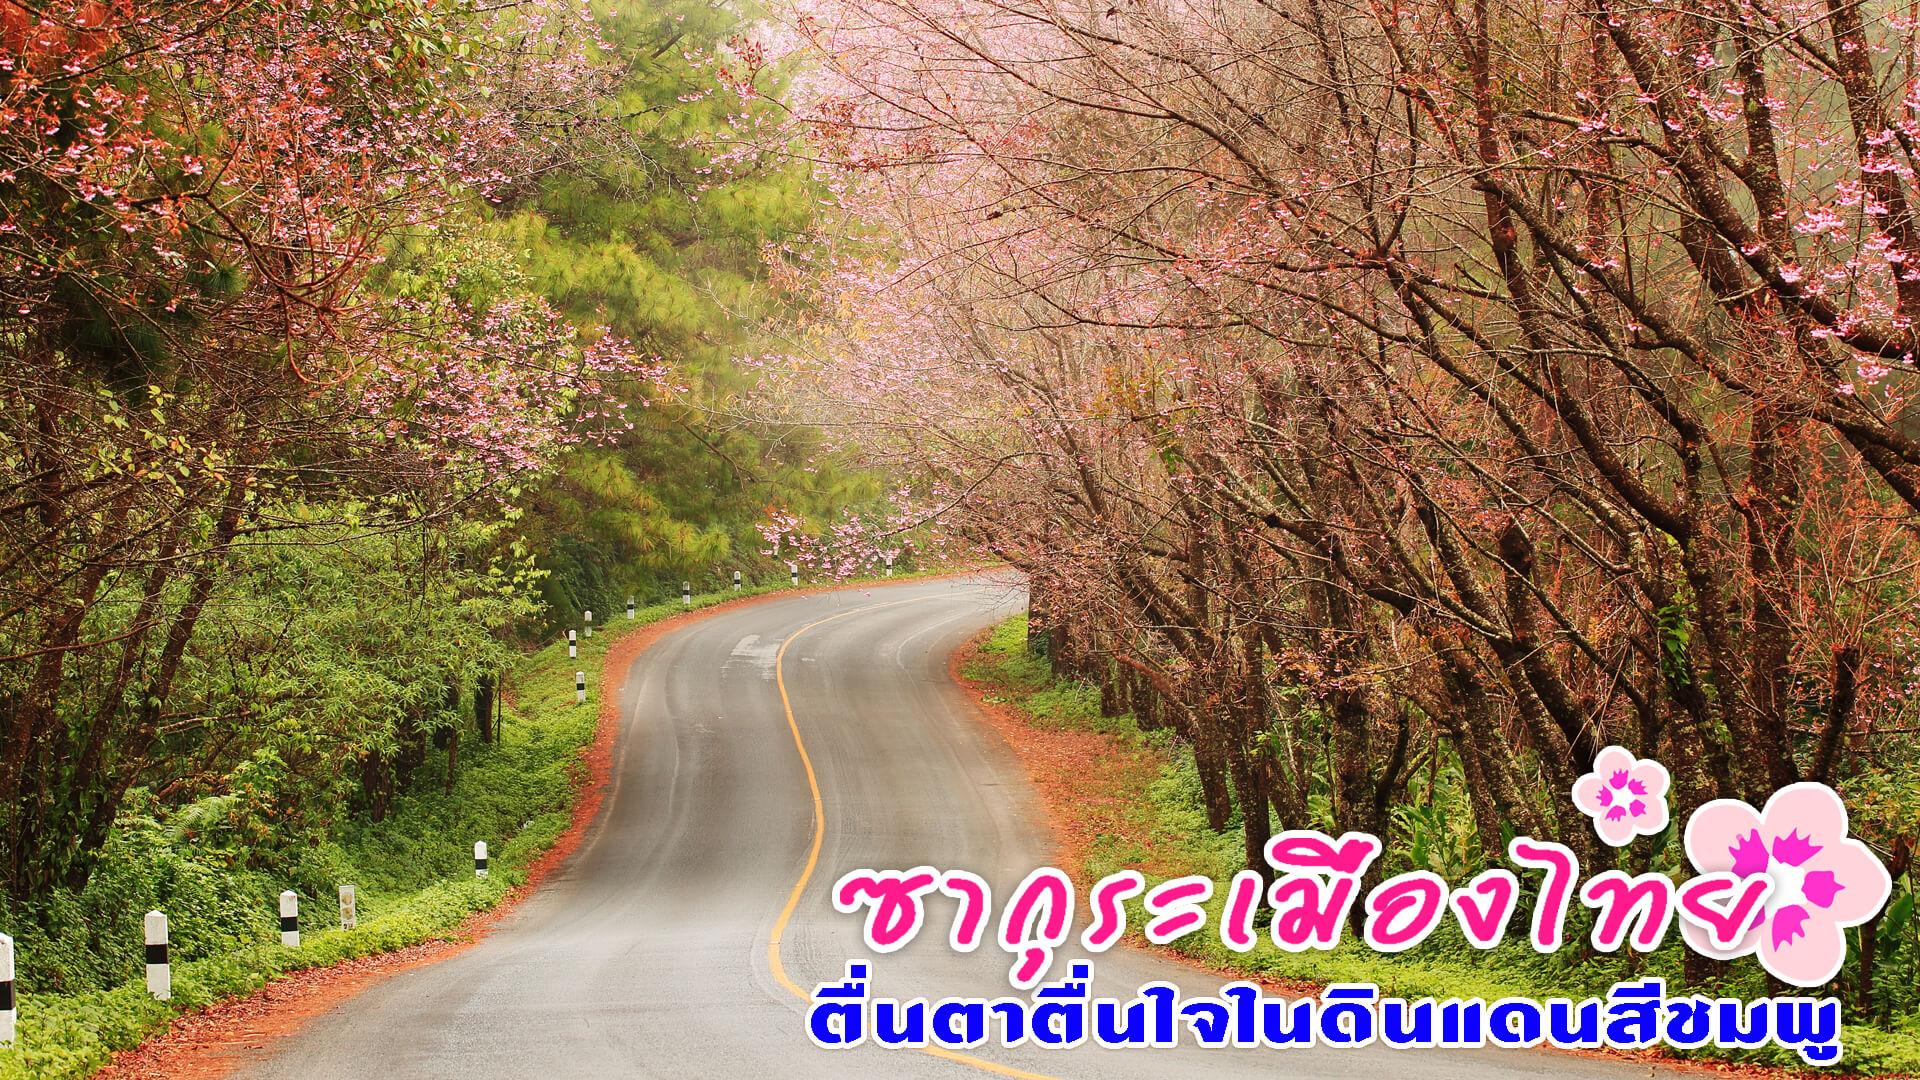 ซากุระเมืองไทย